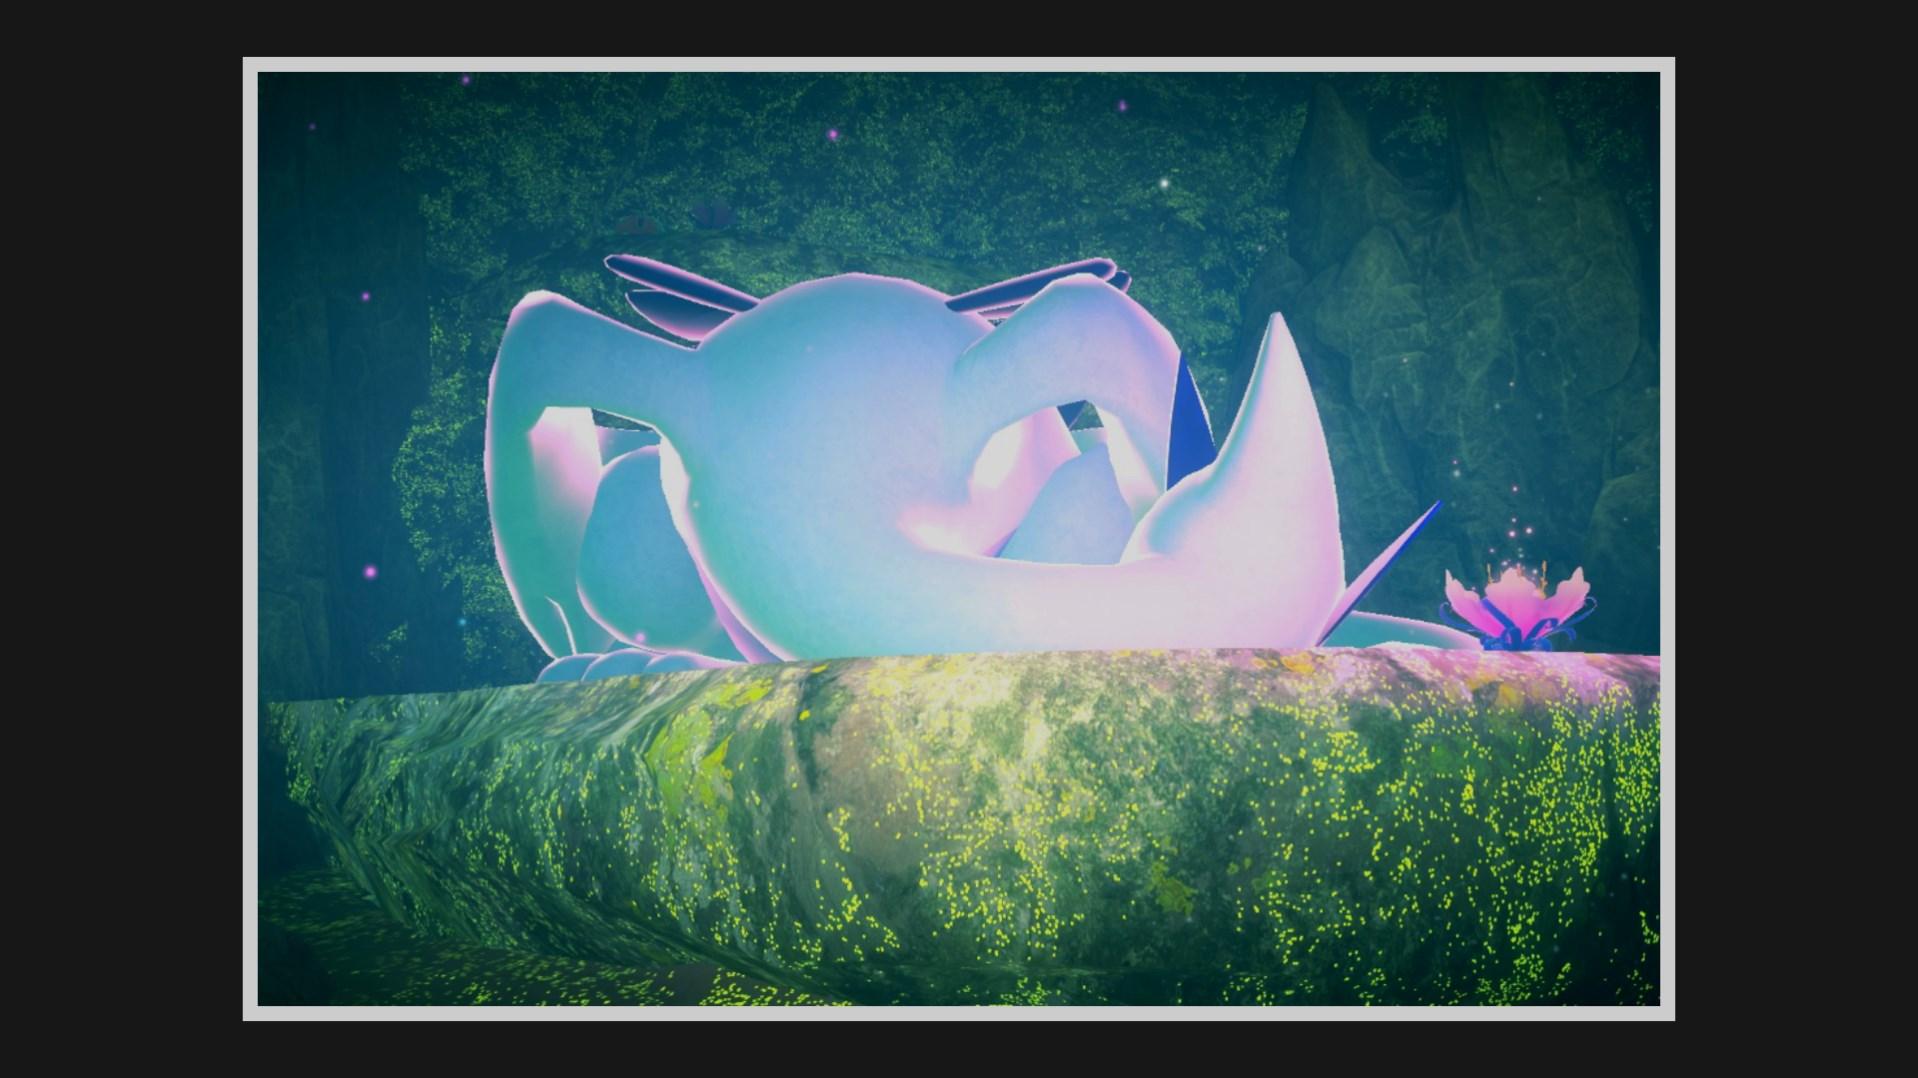 Lugia sleeps next to a glowing Illumina flower